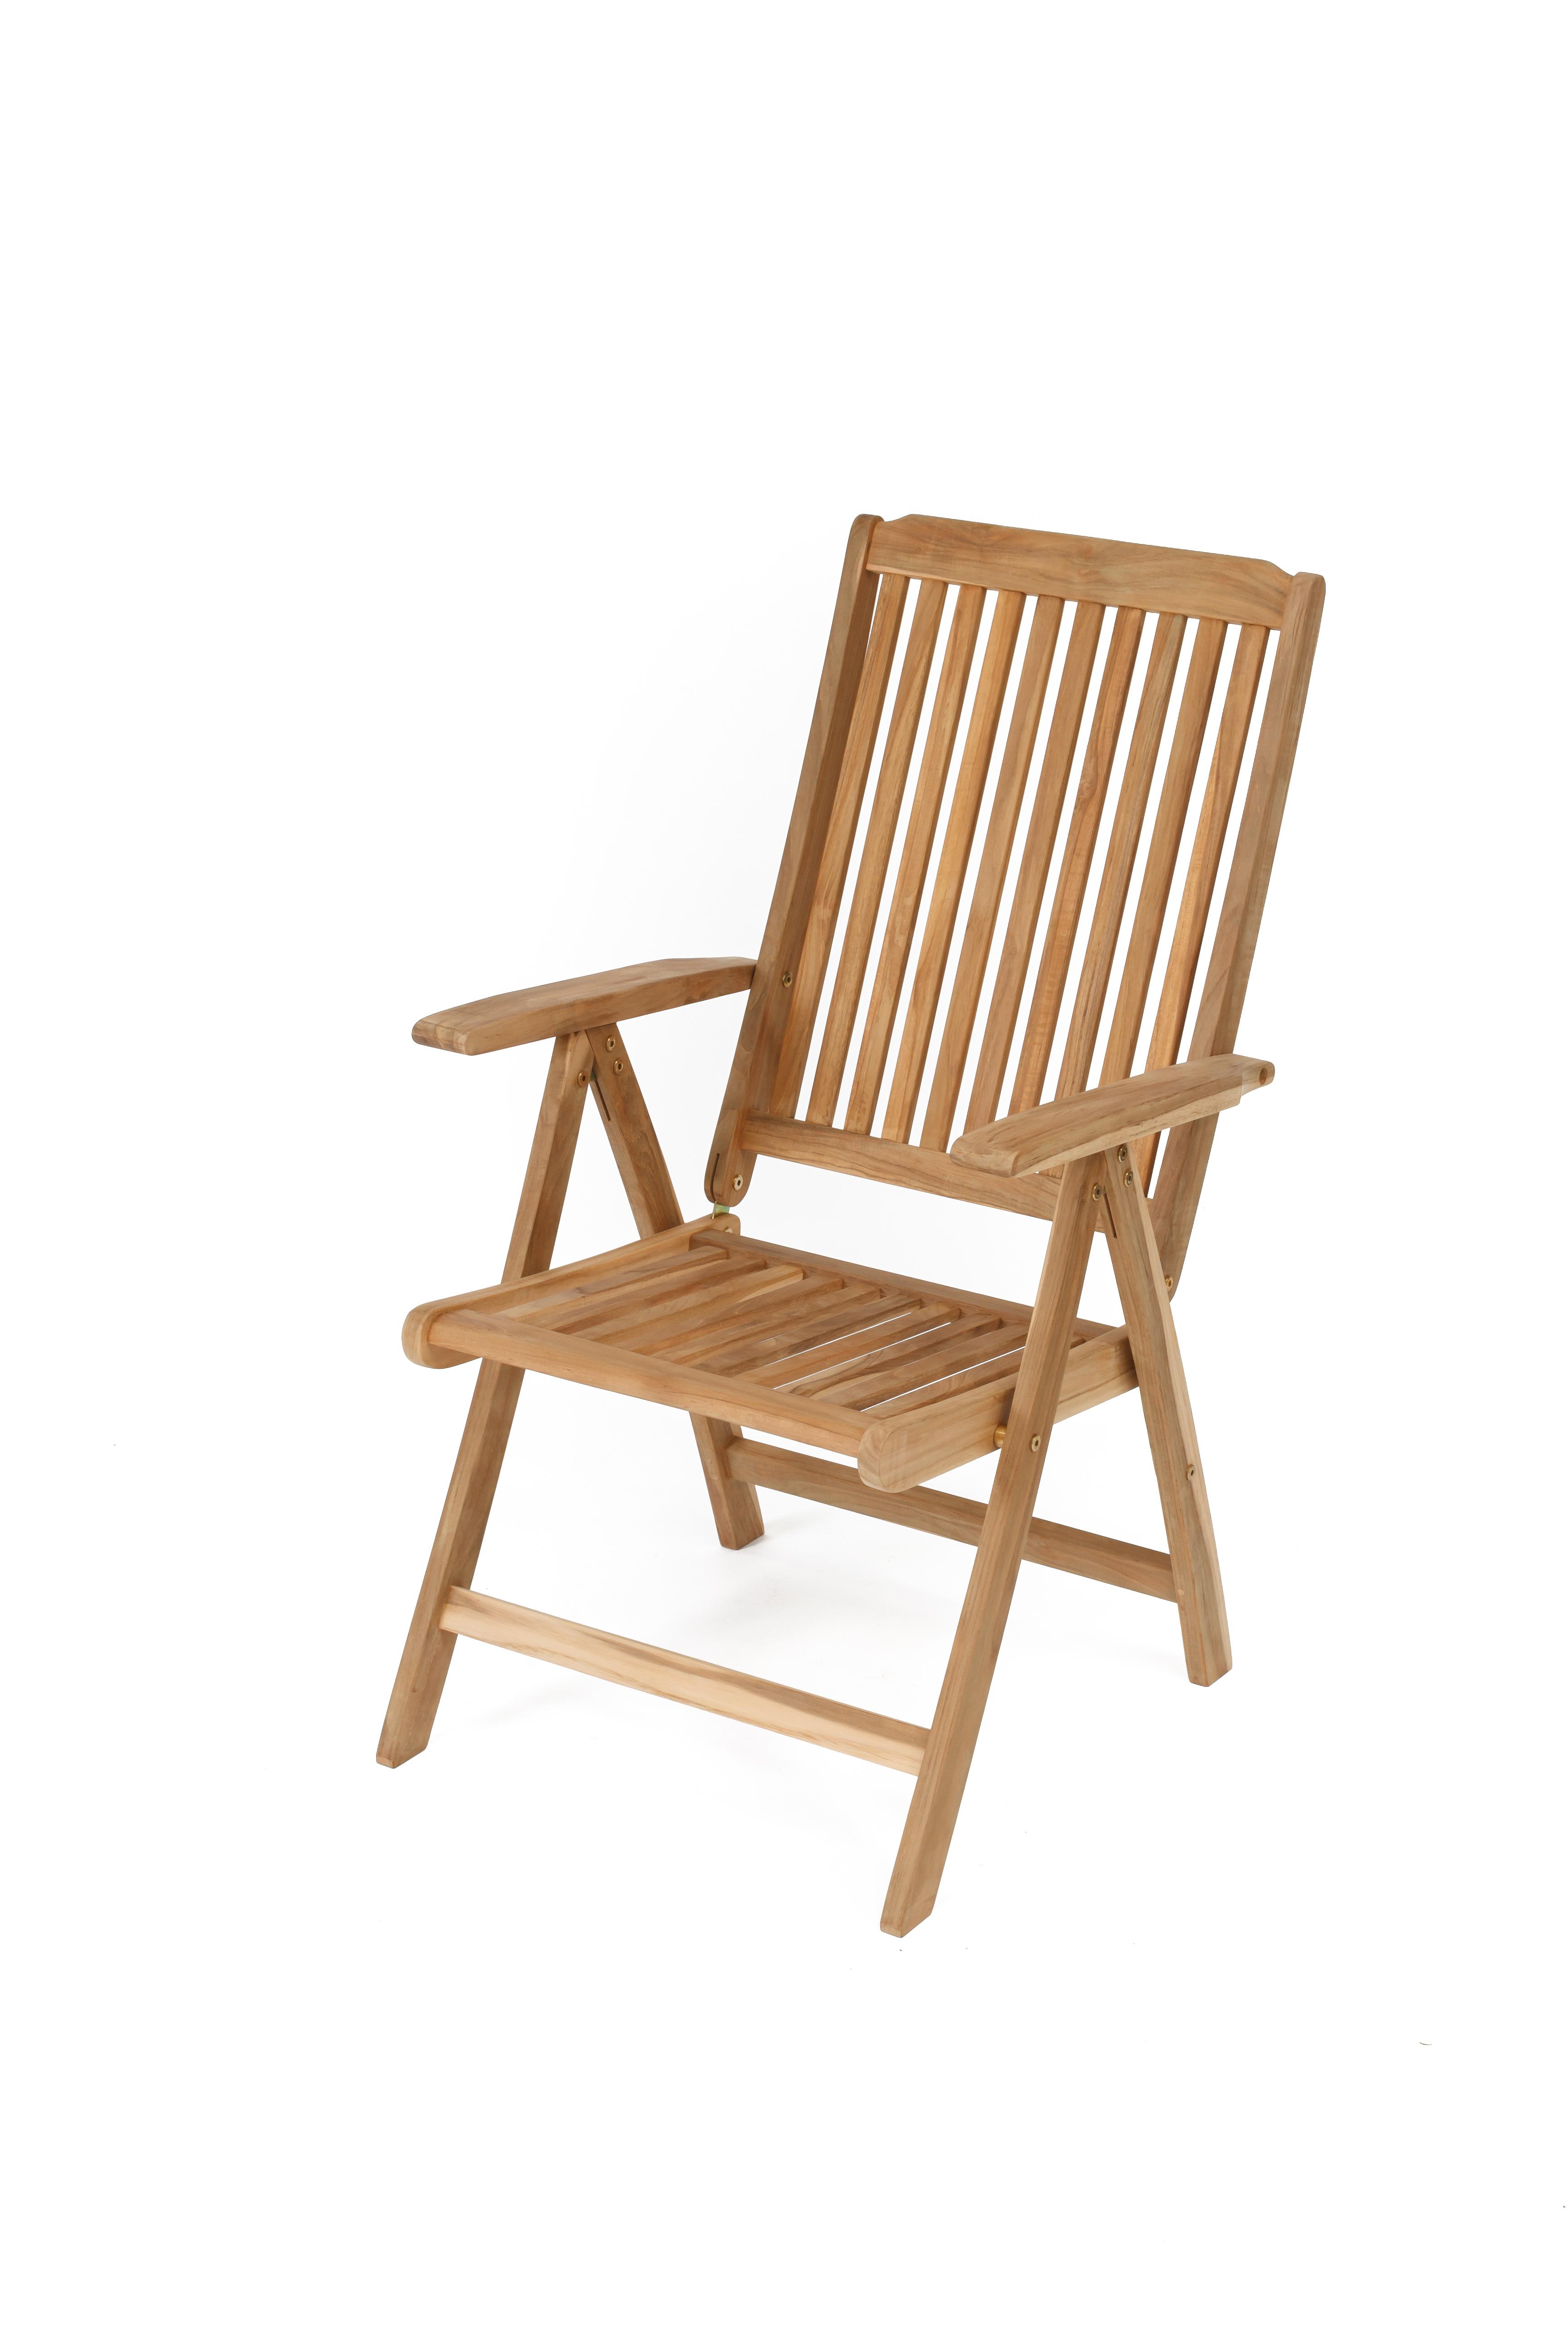 michel teak relaxsessel hochlehner klappsessel talaso gartenm bel outlet online shop. Black Bedroom Furniture Sets. Home Design Ideas